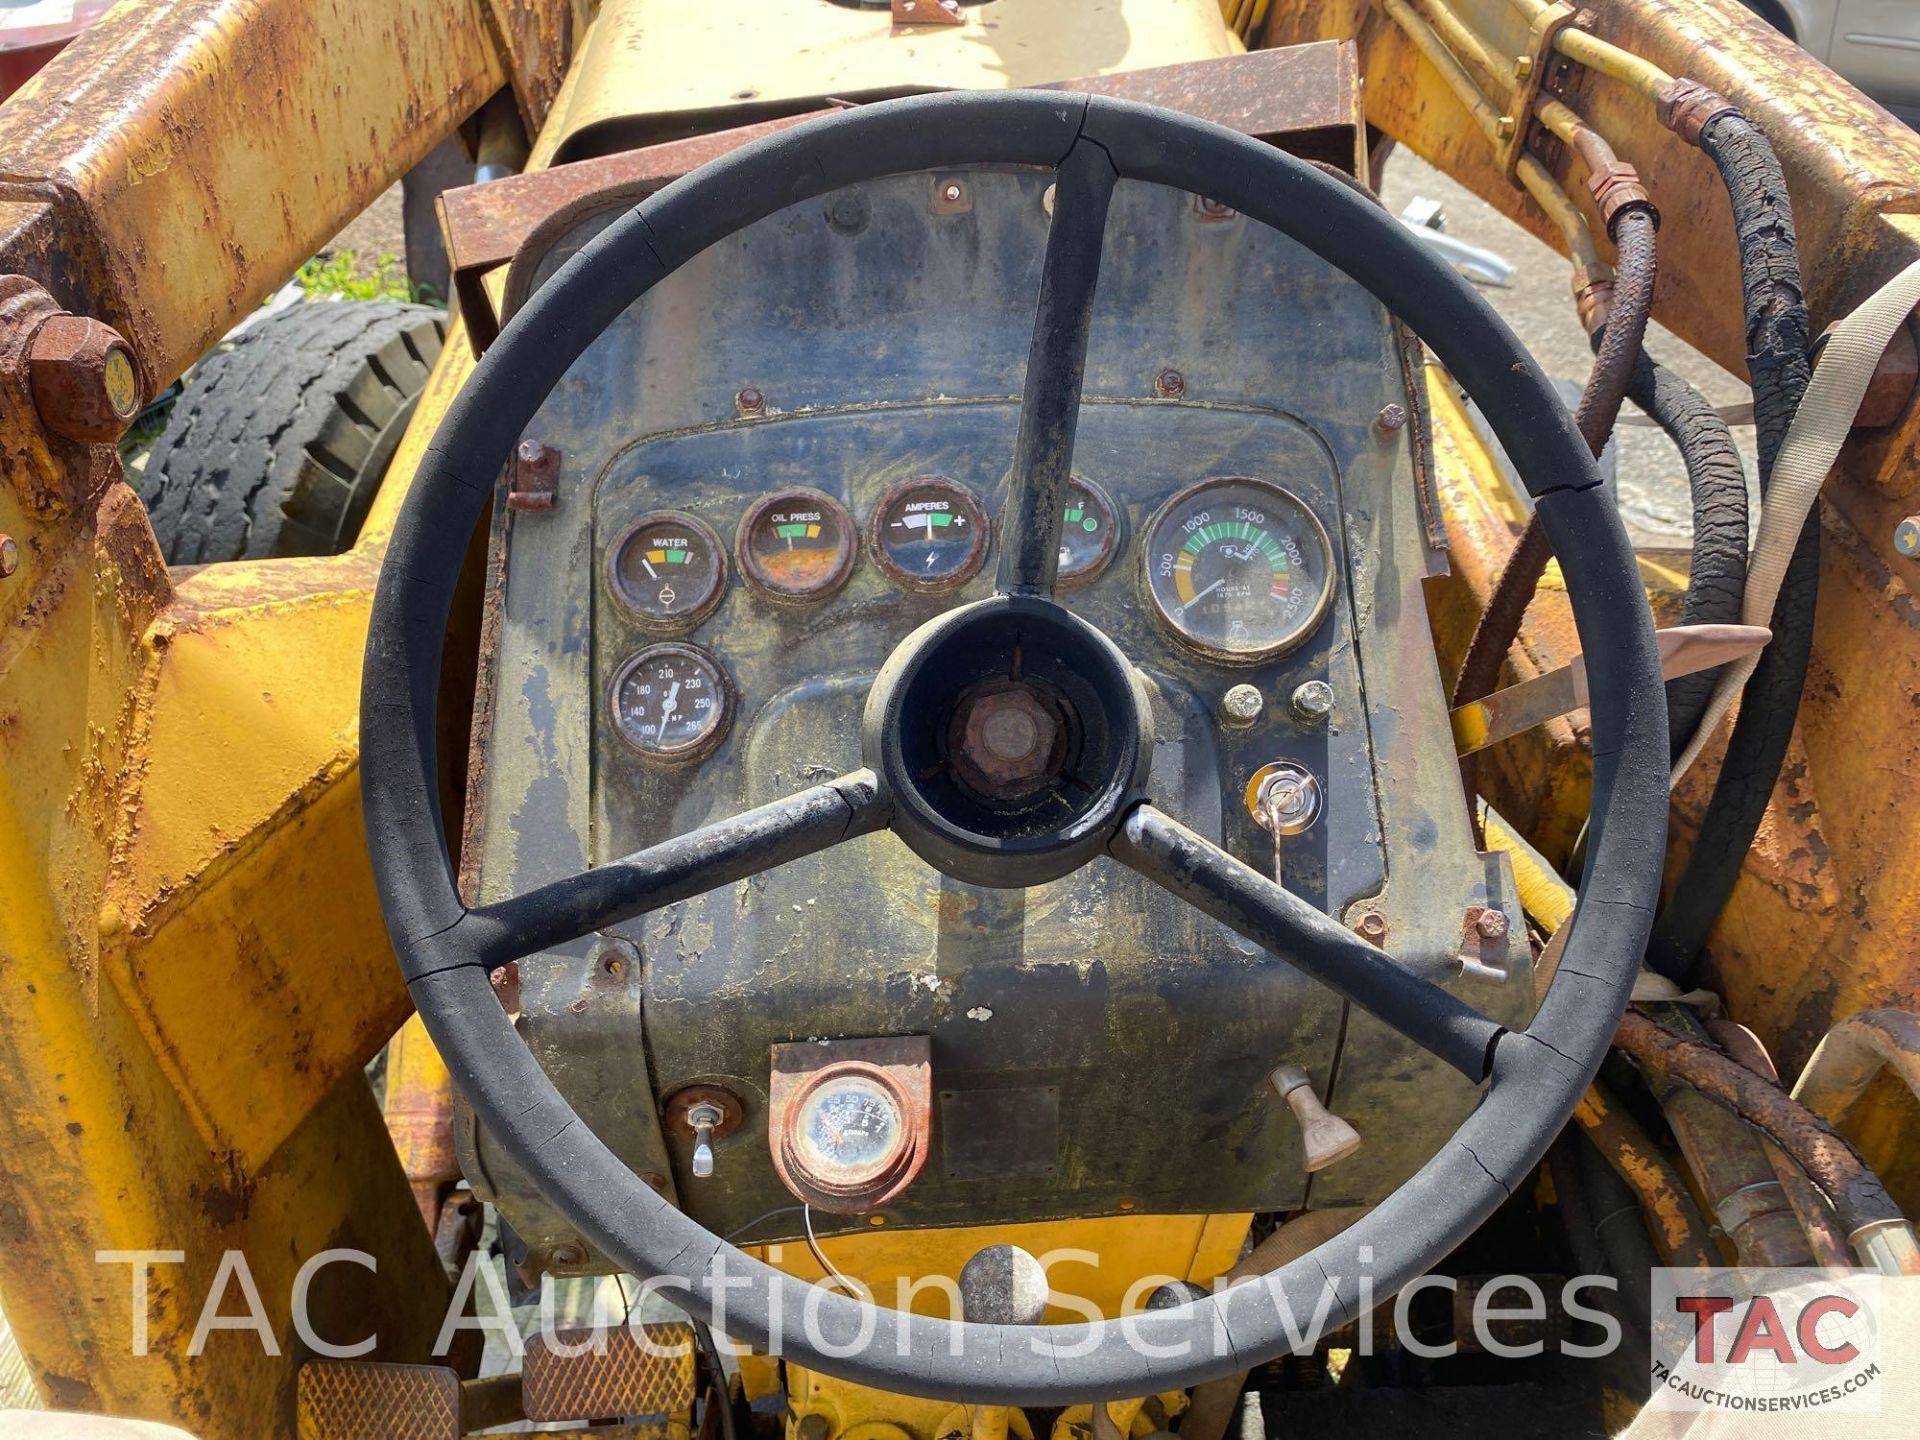 Massey Ferguson 50C Loader Backhoe - Image 31 of 45